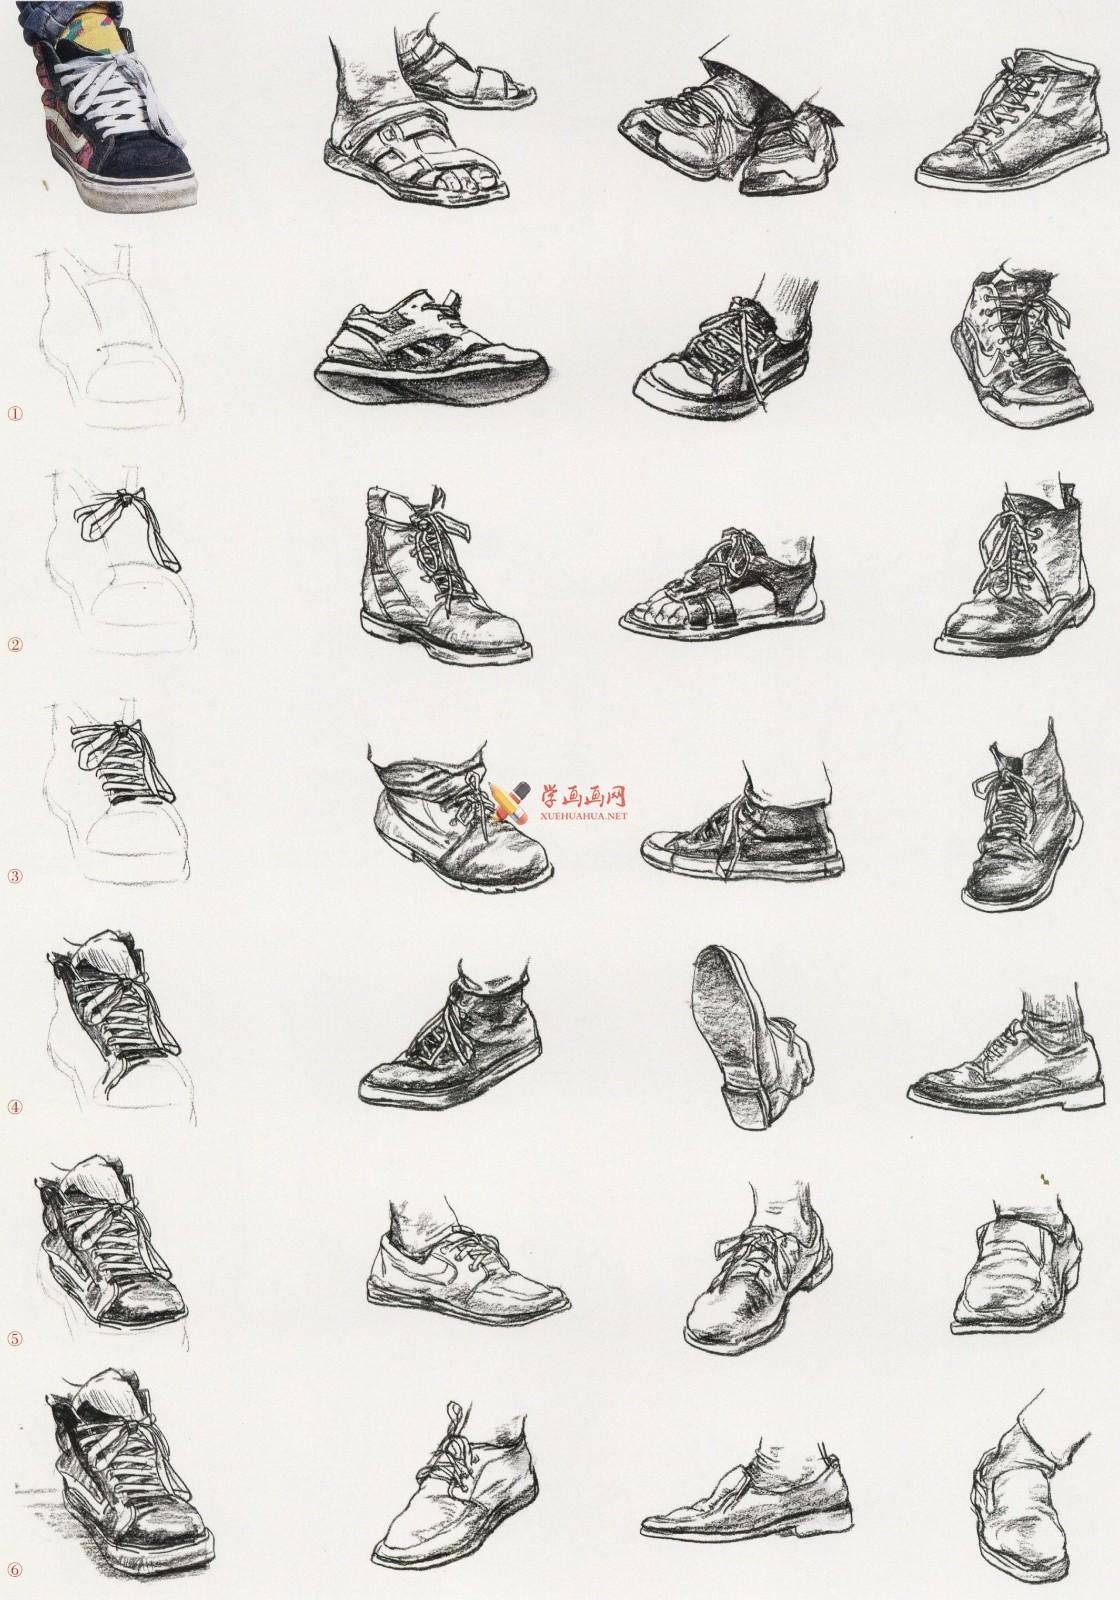 人物速写:鞋子的画法及各角度鞋子的速写画法临摹图片范画(11)